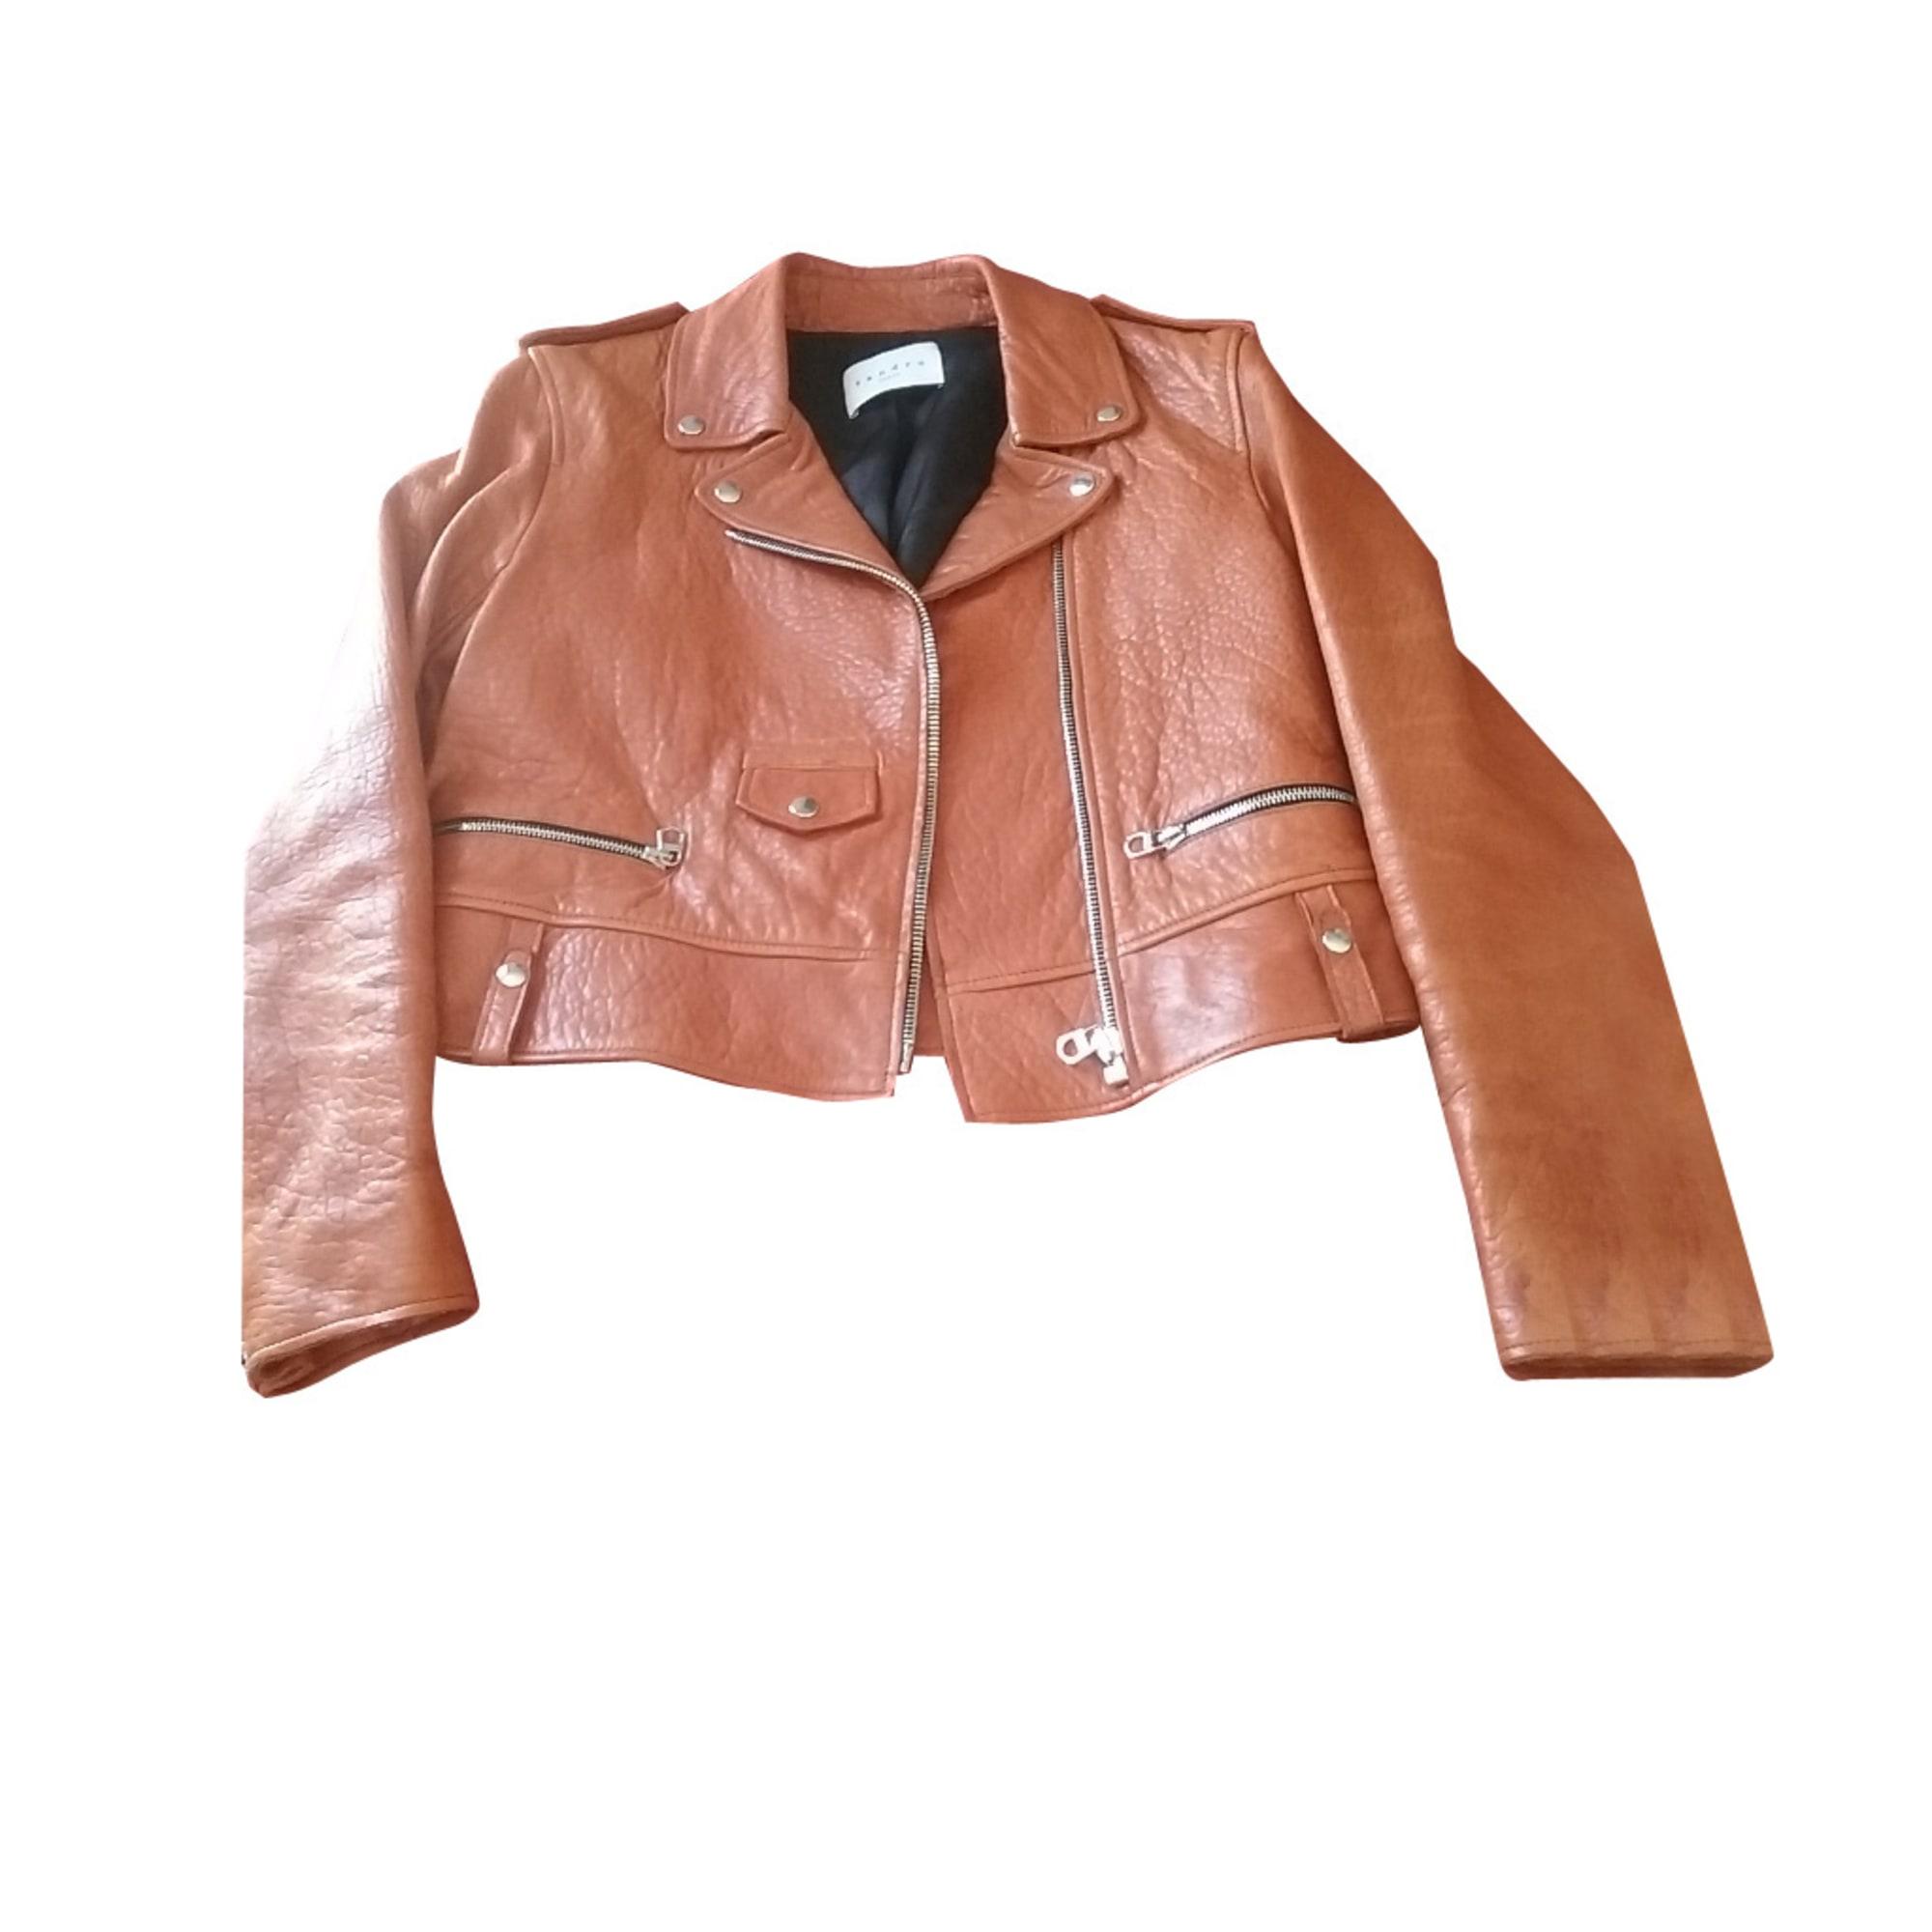 Blouson en cuir SANDRO 38 (M, T2) marron vendu par Veronique ... 7d9be3ff527